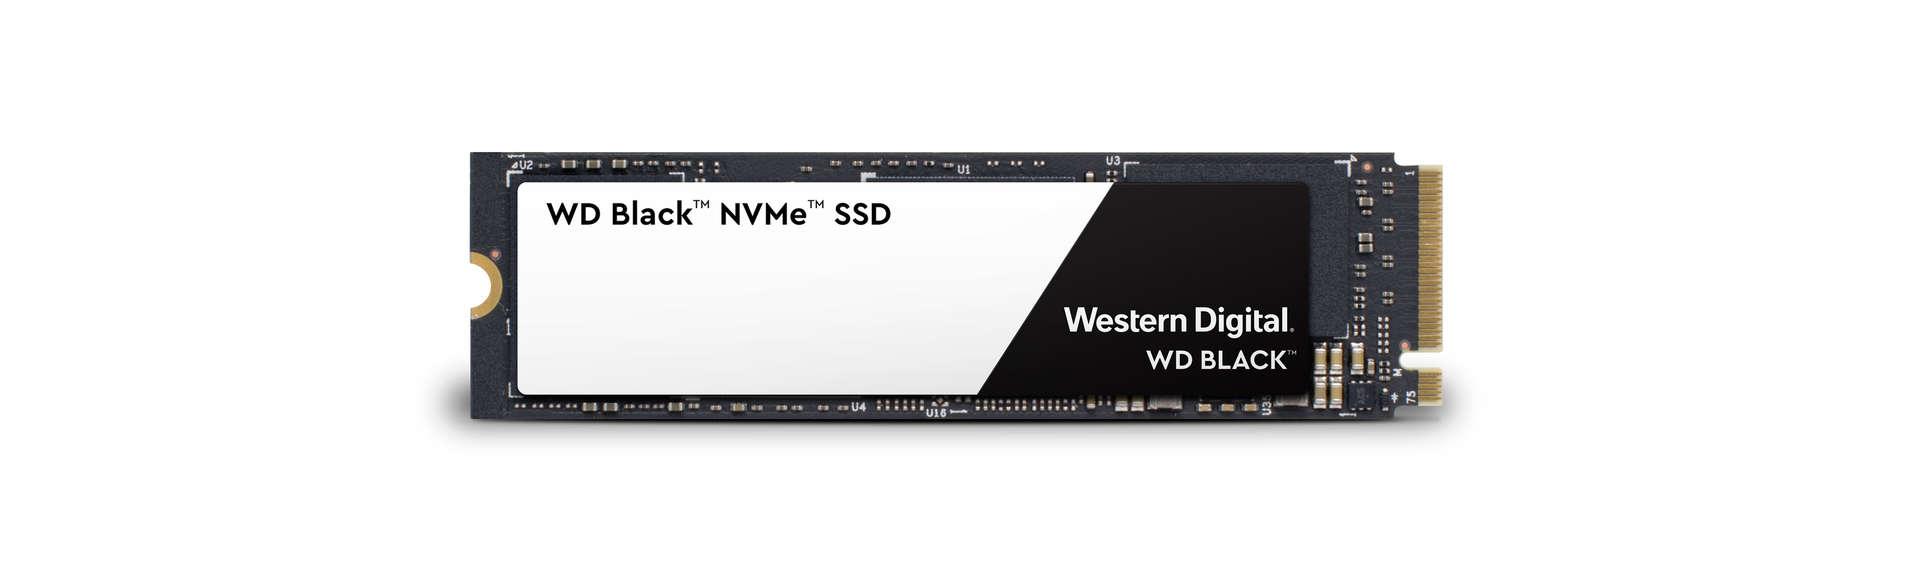 Western Digital представила Black 3D NVMe